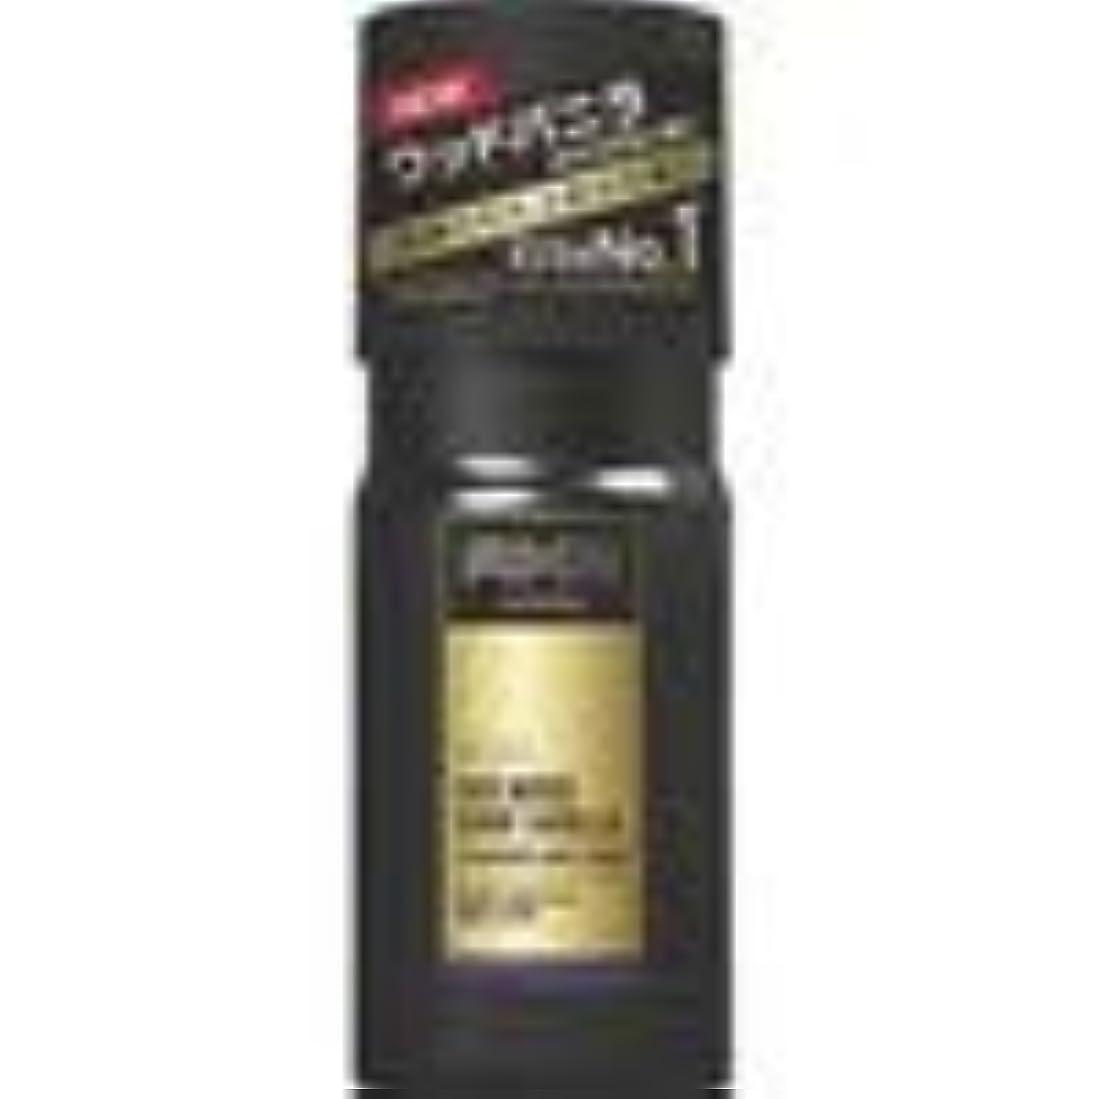 失強調ペースト【3本セット】 アックス ゴールド 男性用 フレグランス ボディスプレー (ウッドバニラの香り) 60g